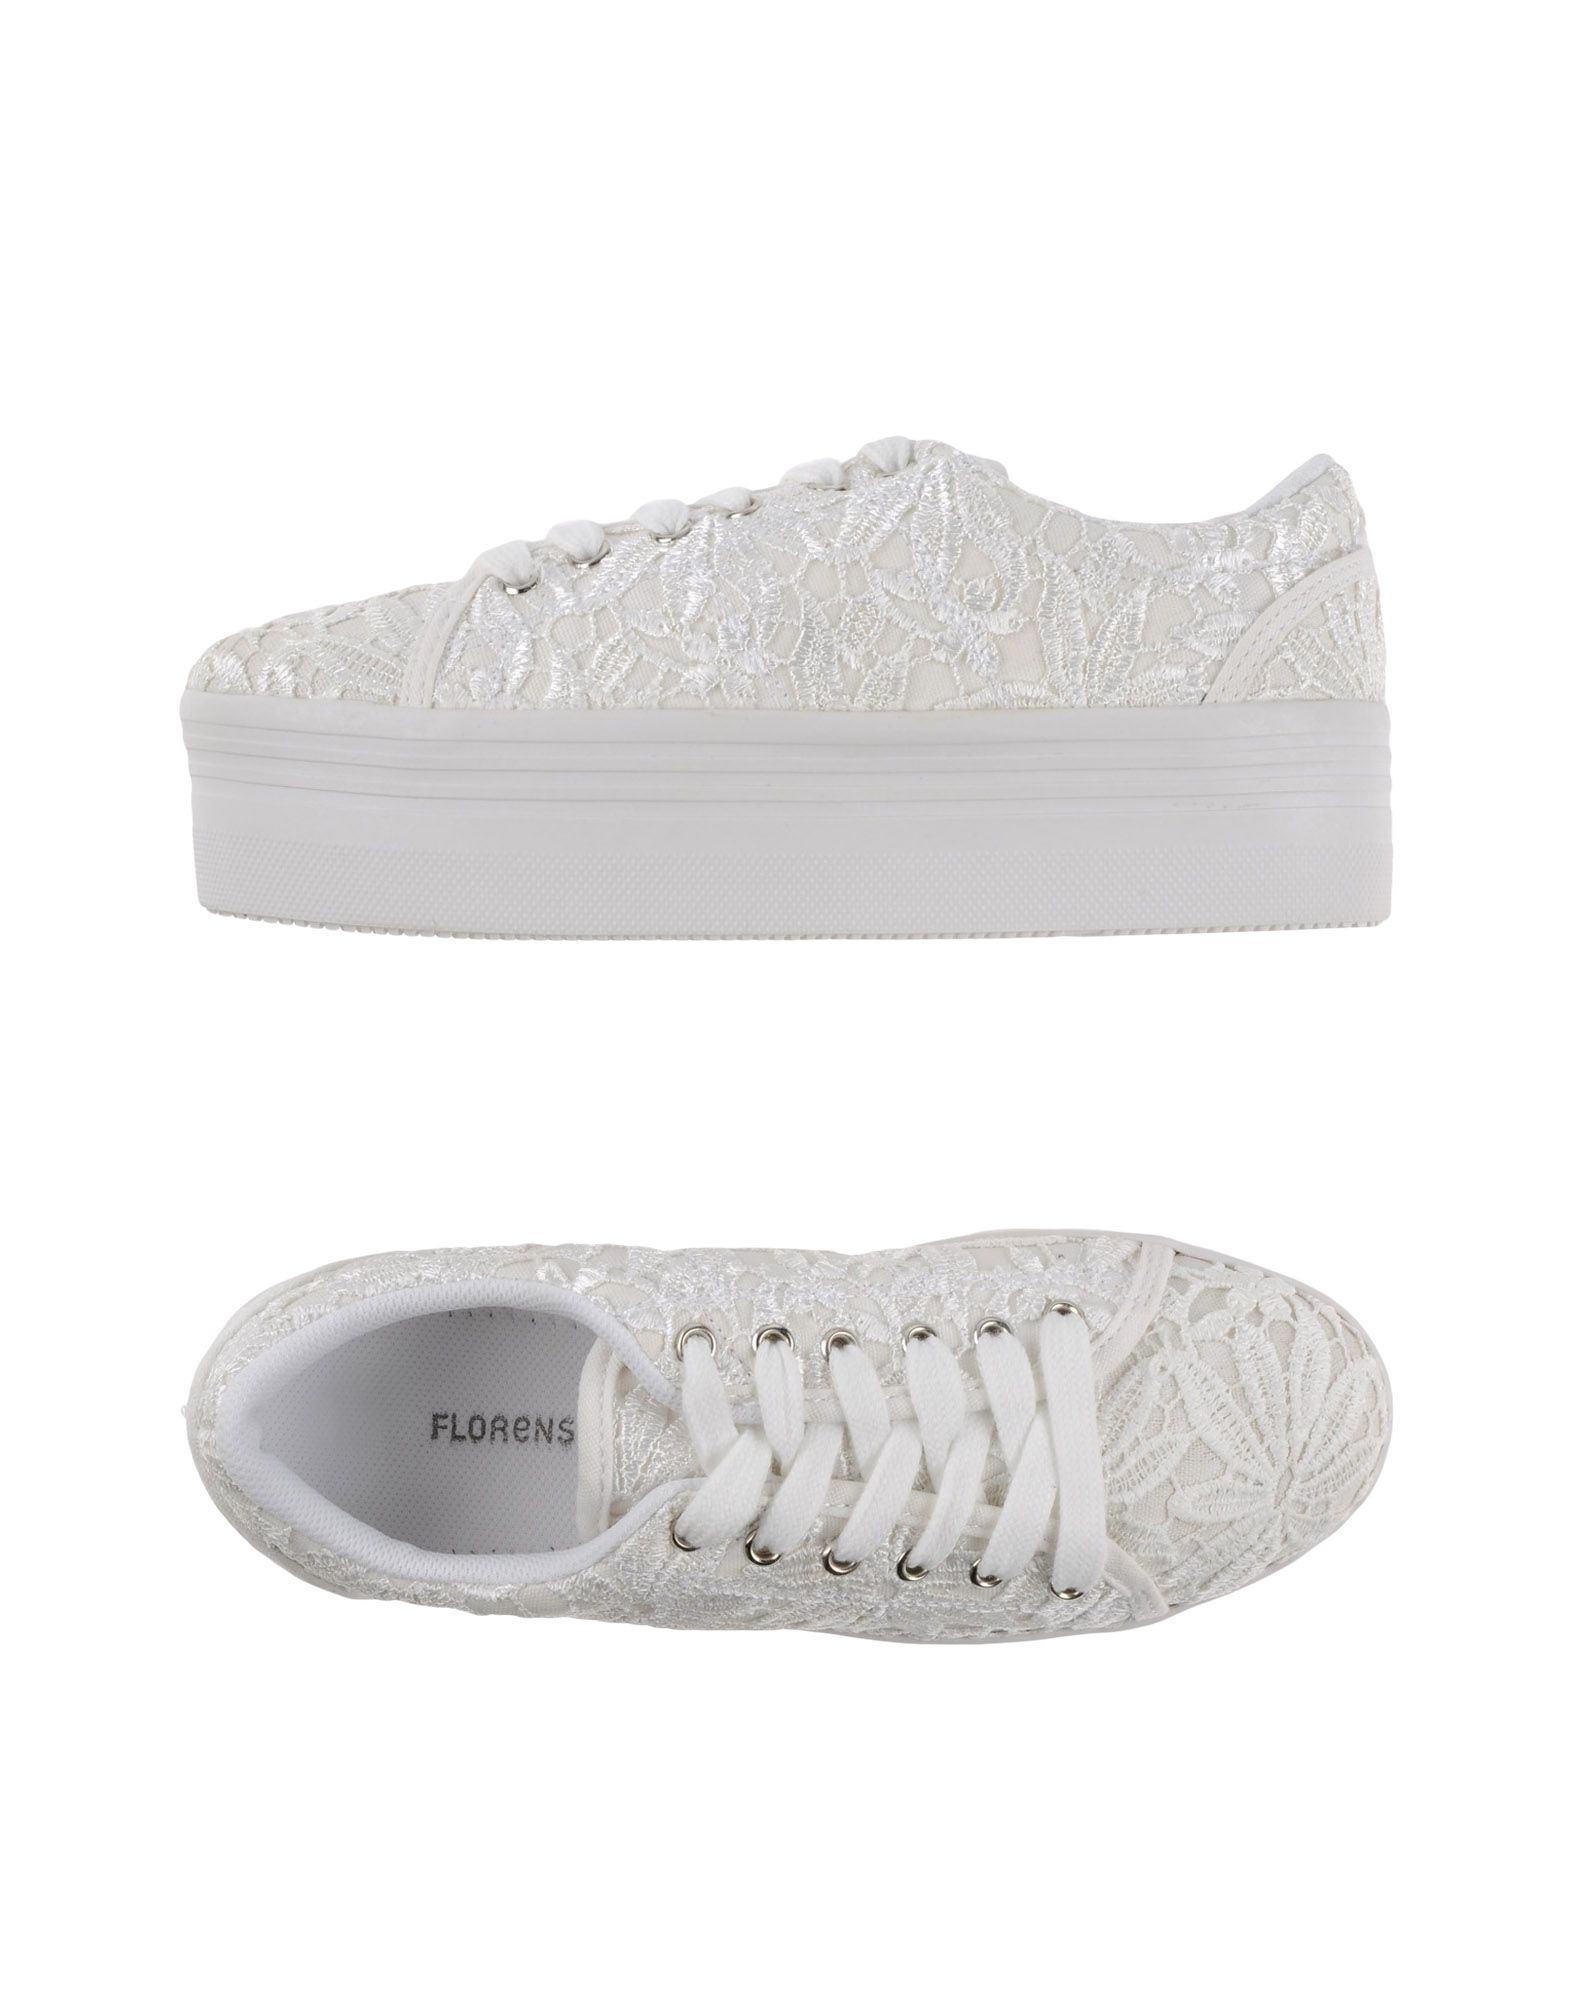 Florens Sneakers Damen  11109673XB Gute Qualität beliebte Schuhe